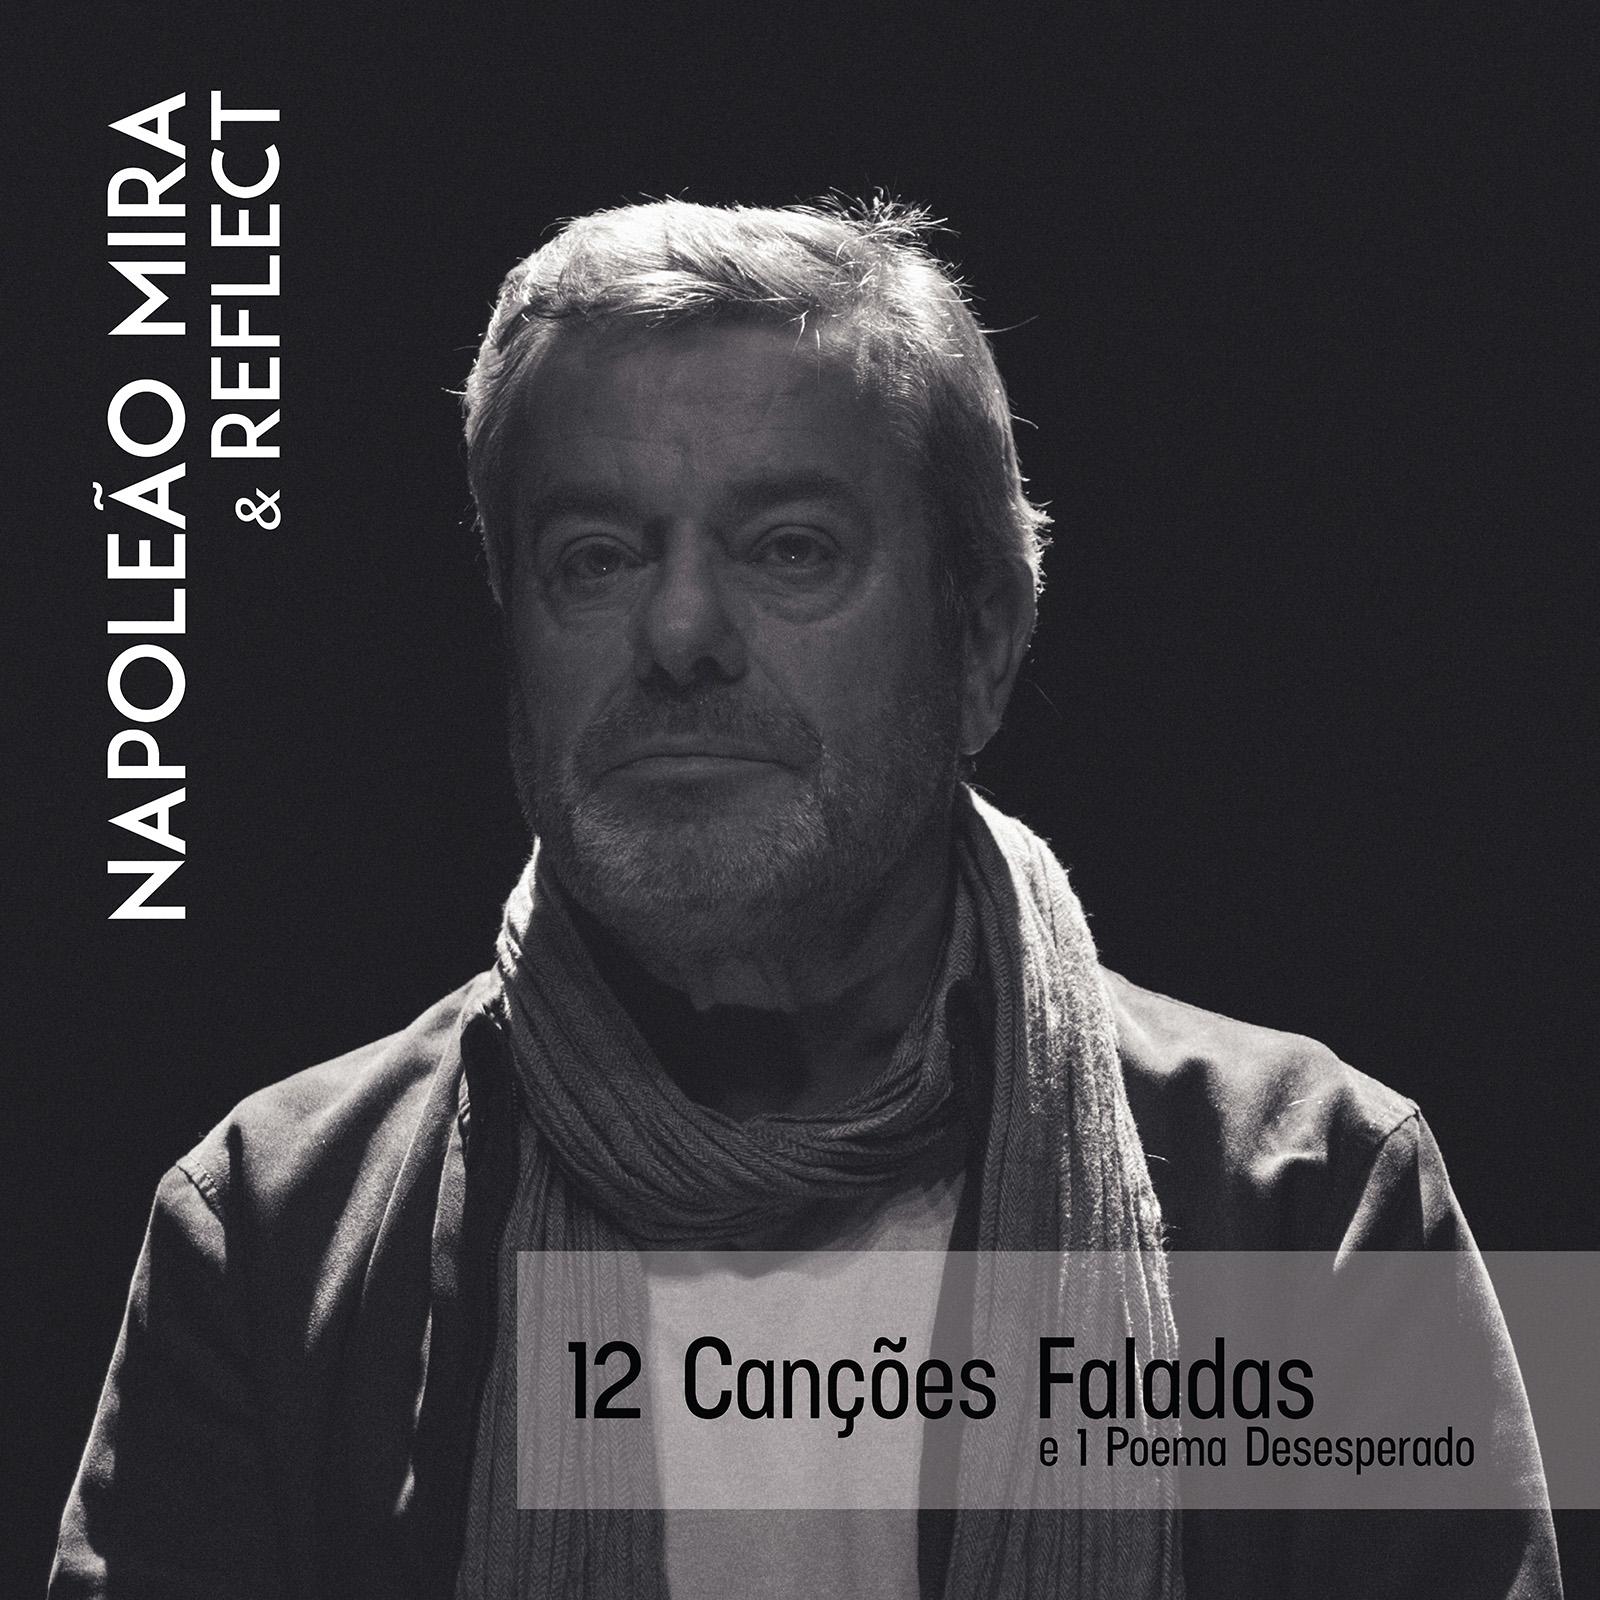 Napoleão Mira & Reflect - 12 Canções Faladas e 1 Poema Desesperado